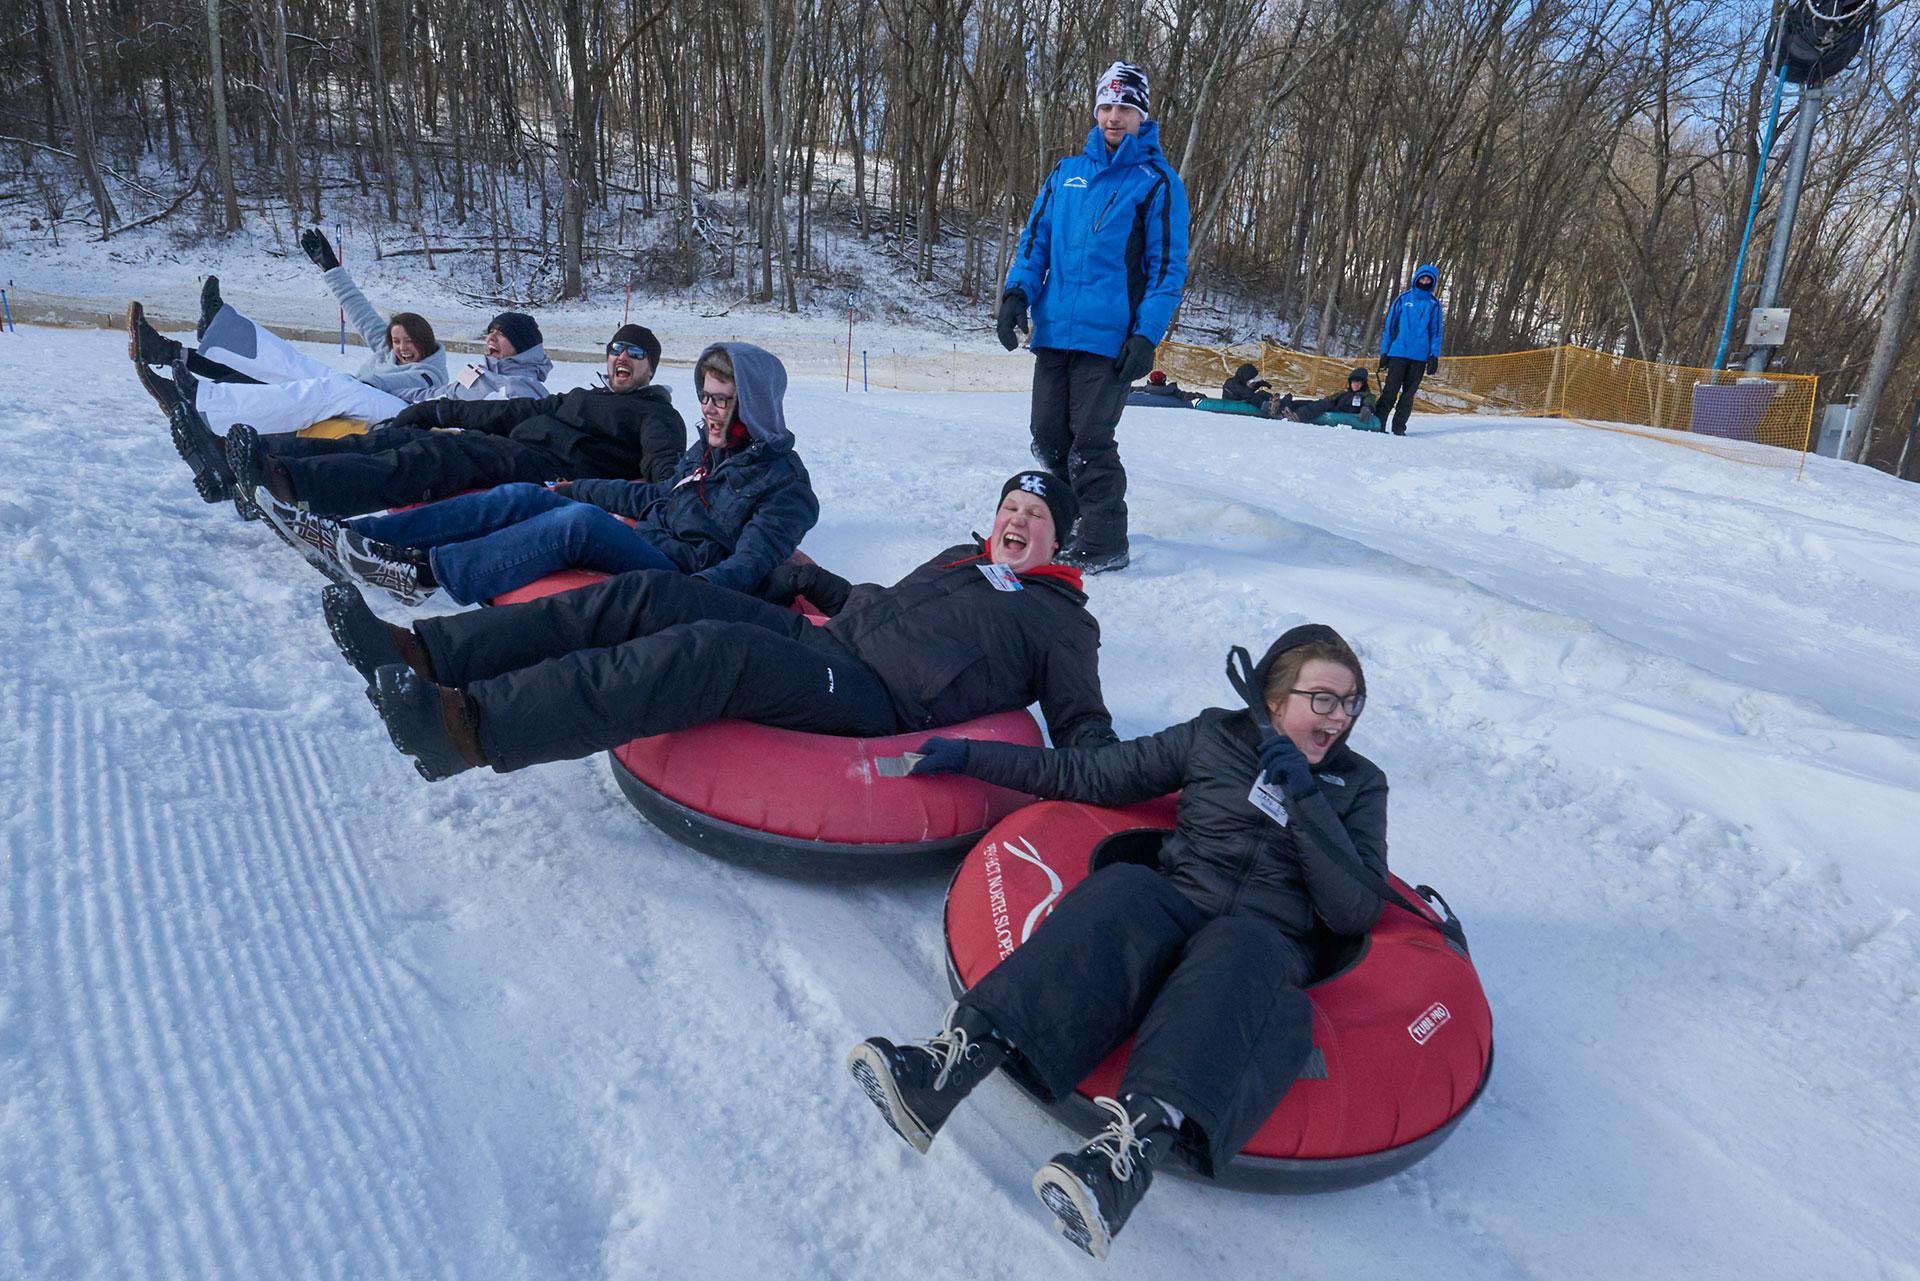 Tour Snow Tubing